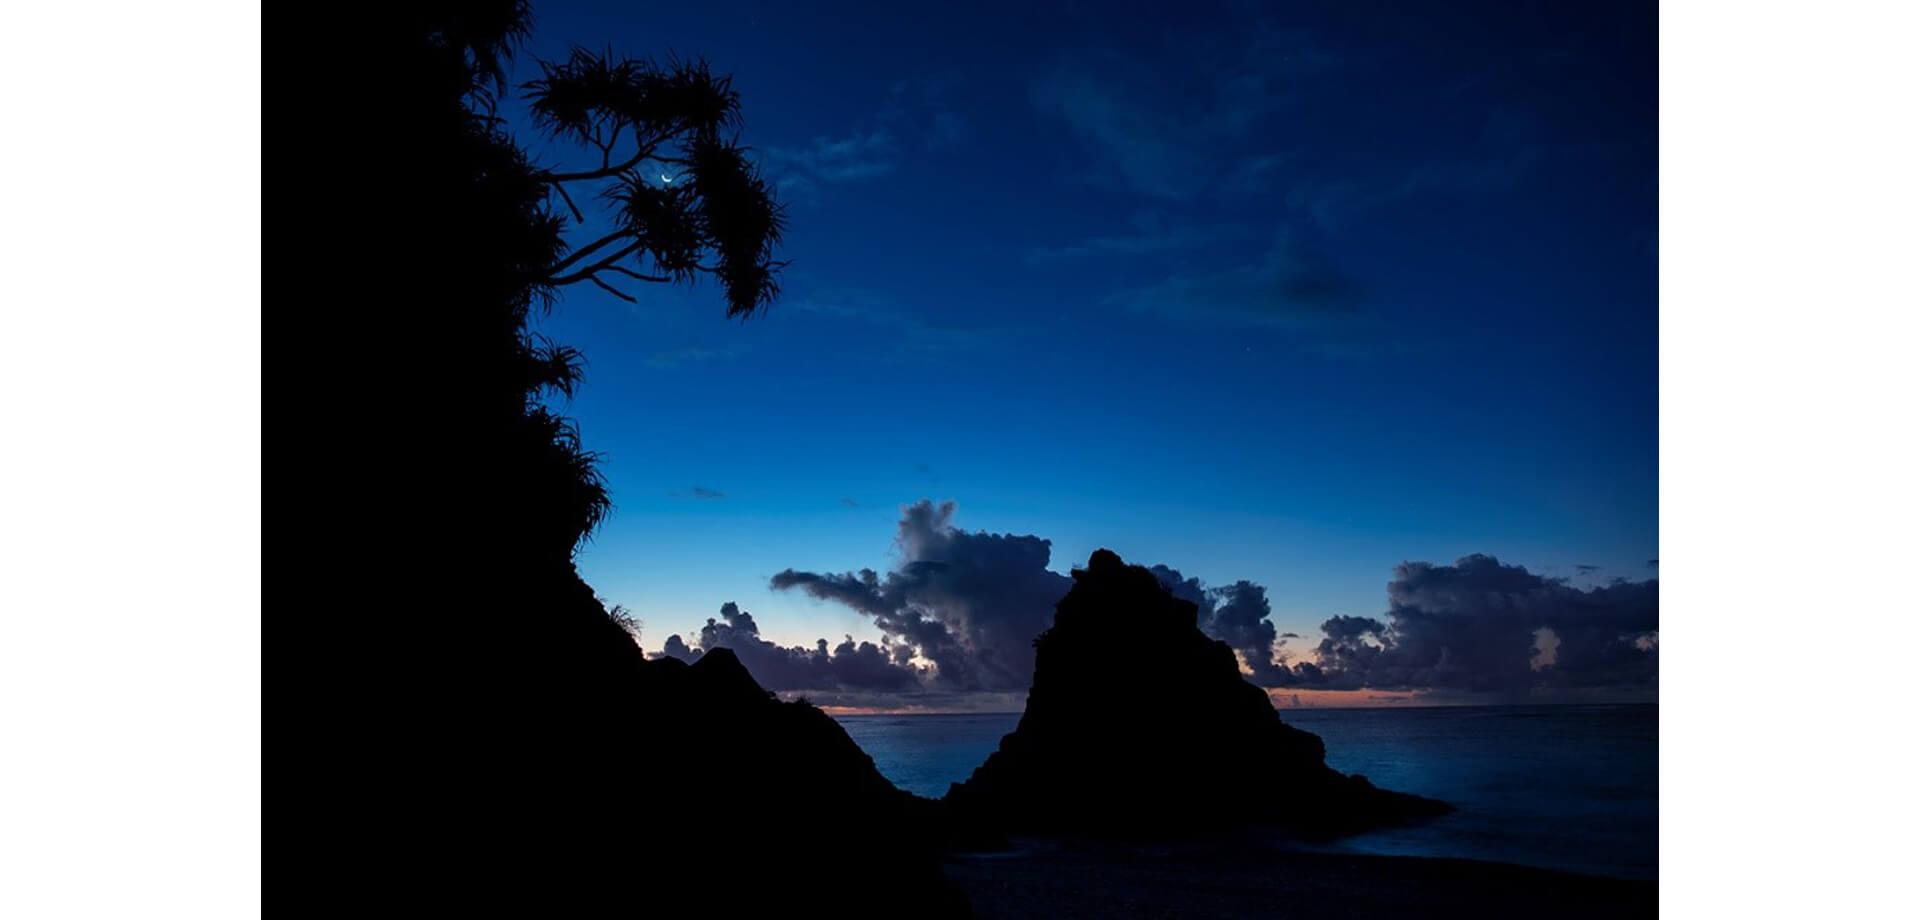 三好和義写真展『世界の楽園・奄美 沖縄』エプサイトギャラリー